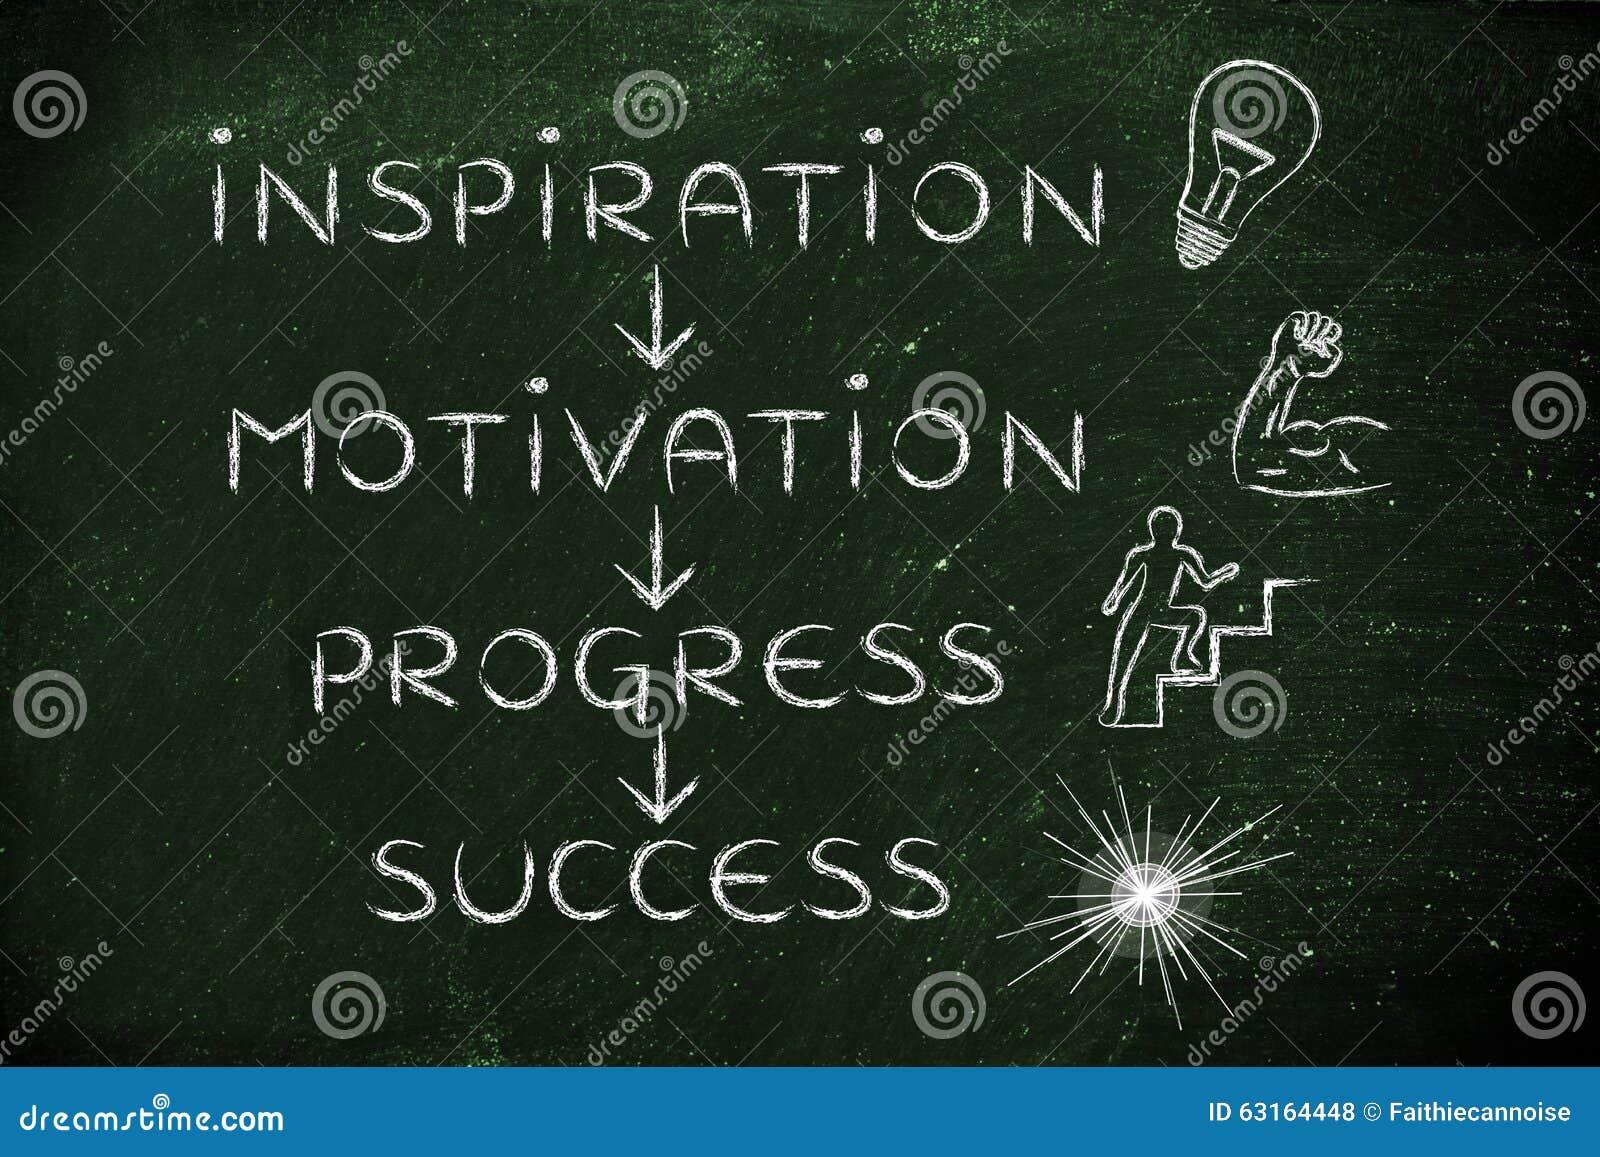 Έμπνευση, κίνητρο, πρόοδος, επιτυχία